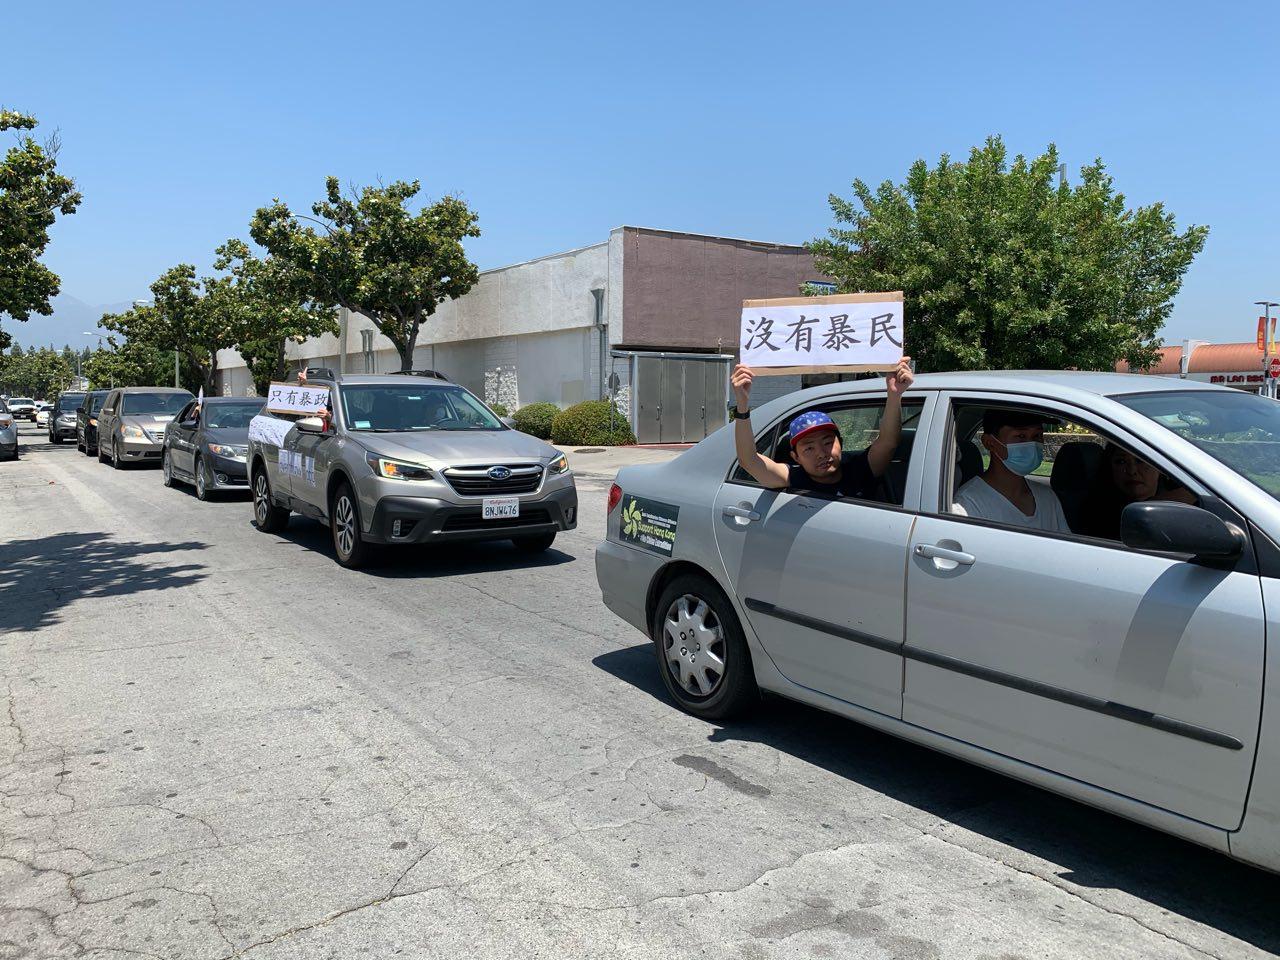 洛杉磯民運人士再組民主車隊,在聖蓋博谷華人區遊行,悼念六四死難者。(姜琳達/大紀元)